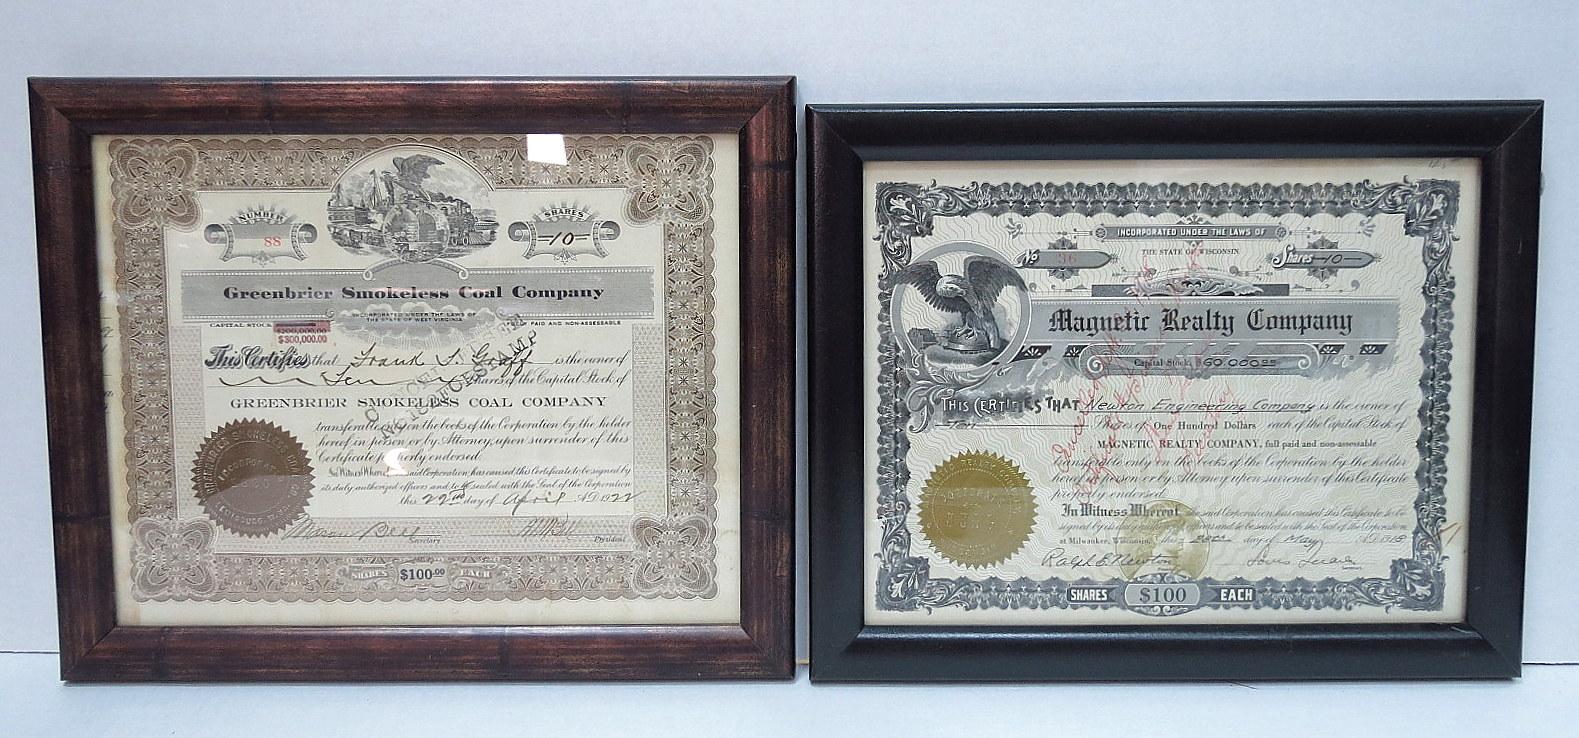 שתי תעודות מניה (שנפדו) Greenbridge Smokeless Cool Co 1922, Magnetic Realty Company 1918